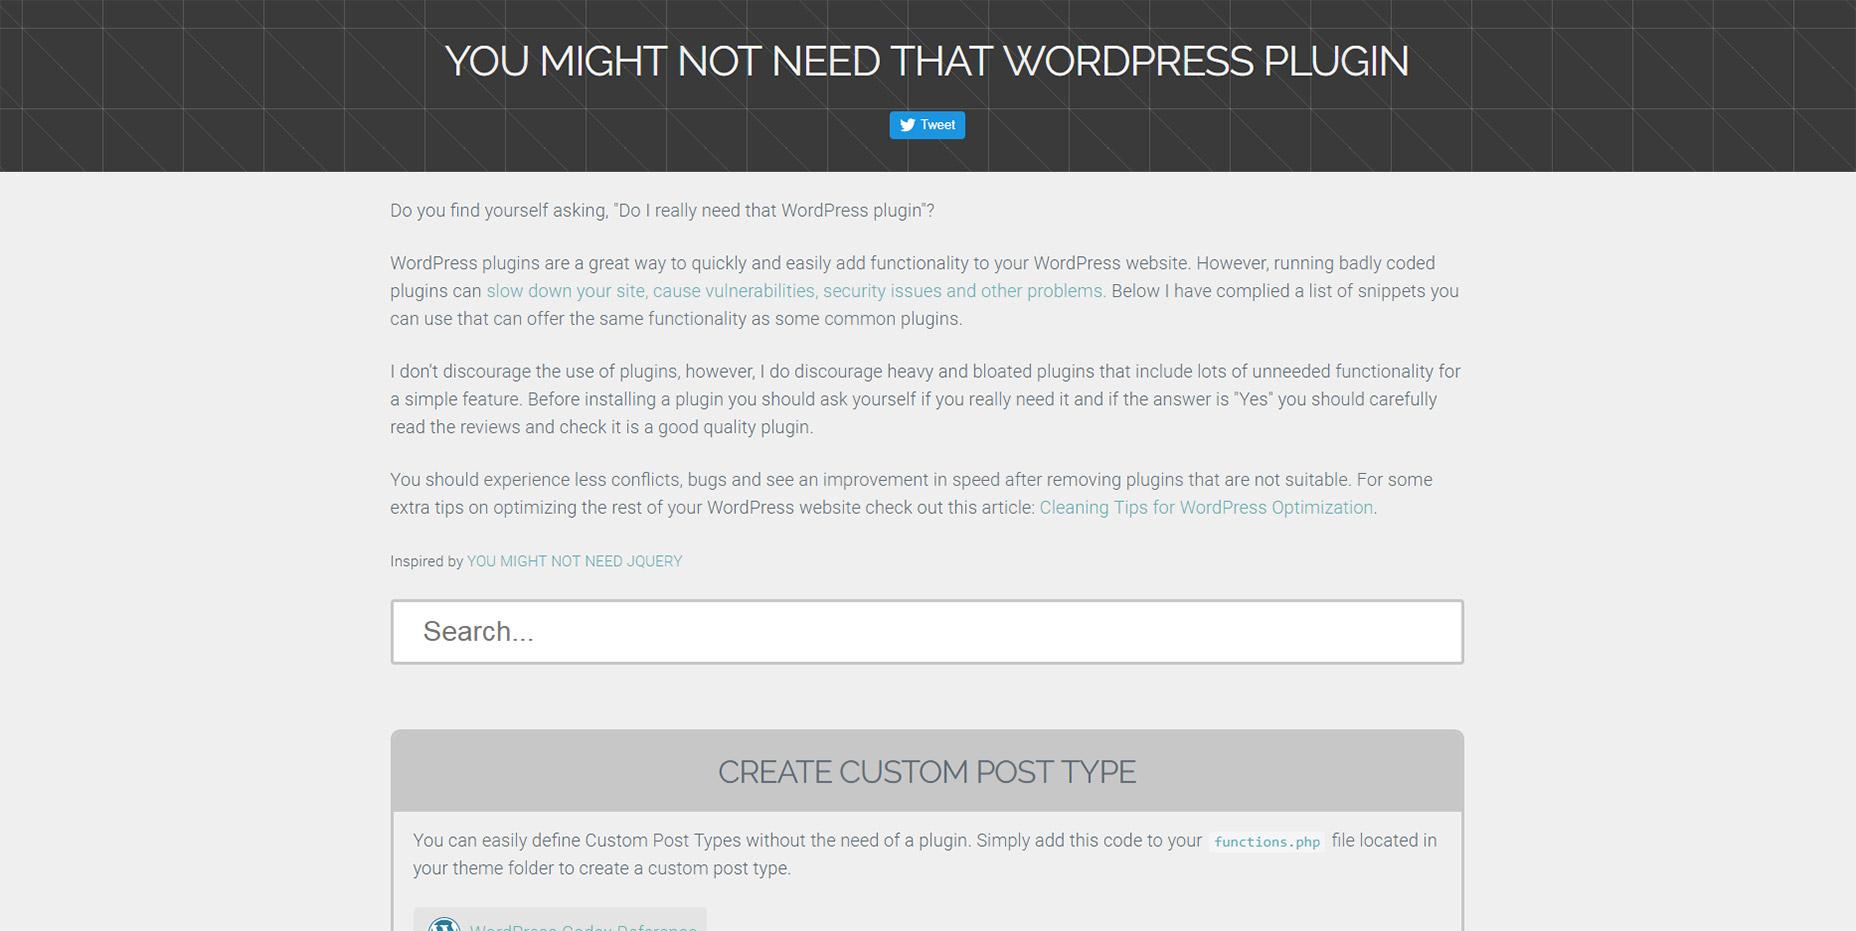 استفاده از کدها در وردپرس توسط You Might Not Need That WP Plugin